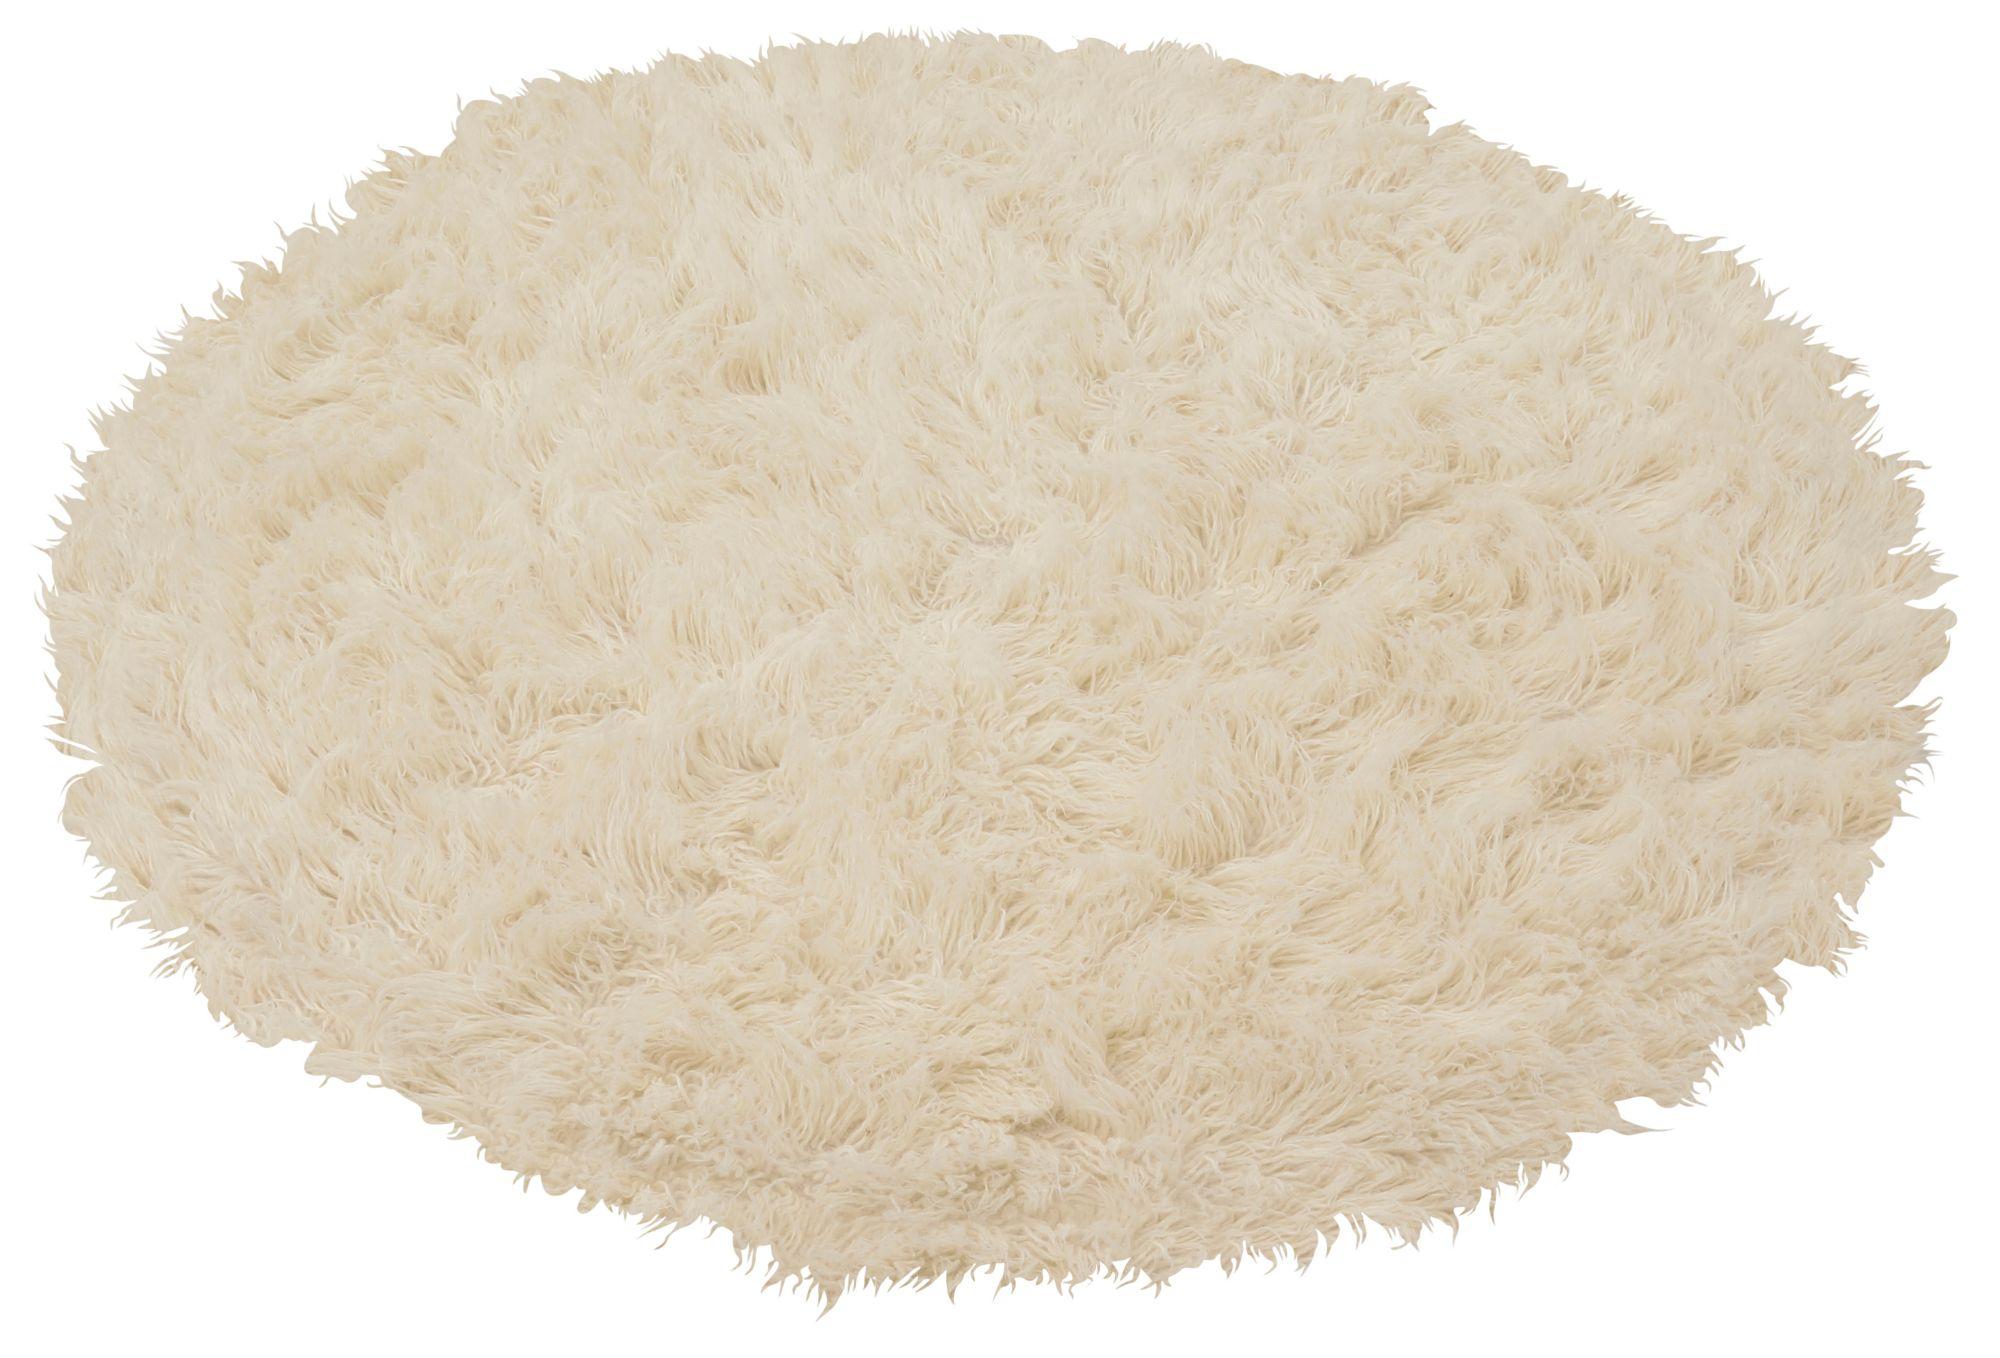 BÖING CARPET Teppich, Böing Carpet, Rund, »Flokati 1500 g«, handgearbeitet, Wolle